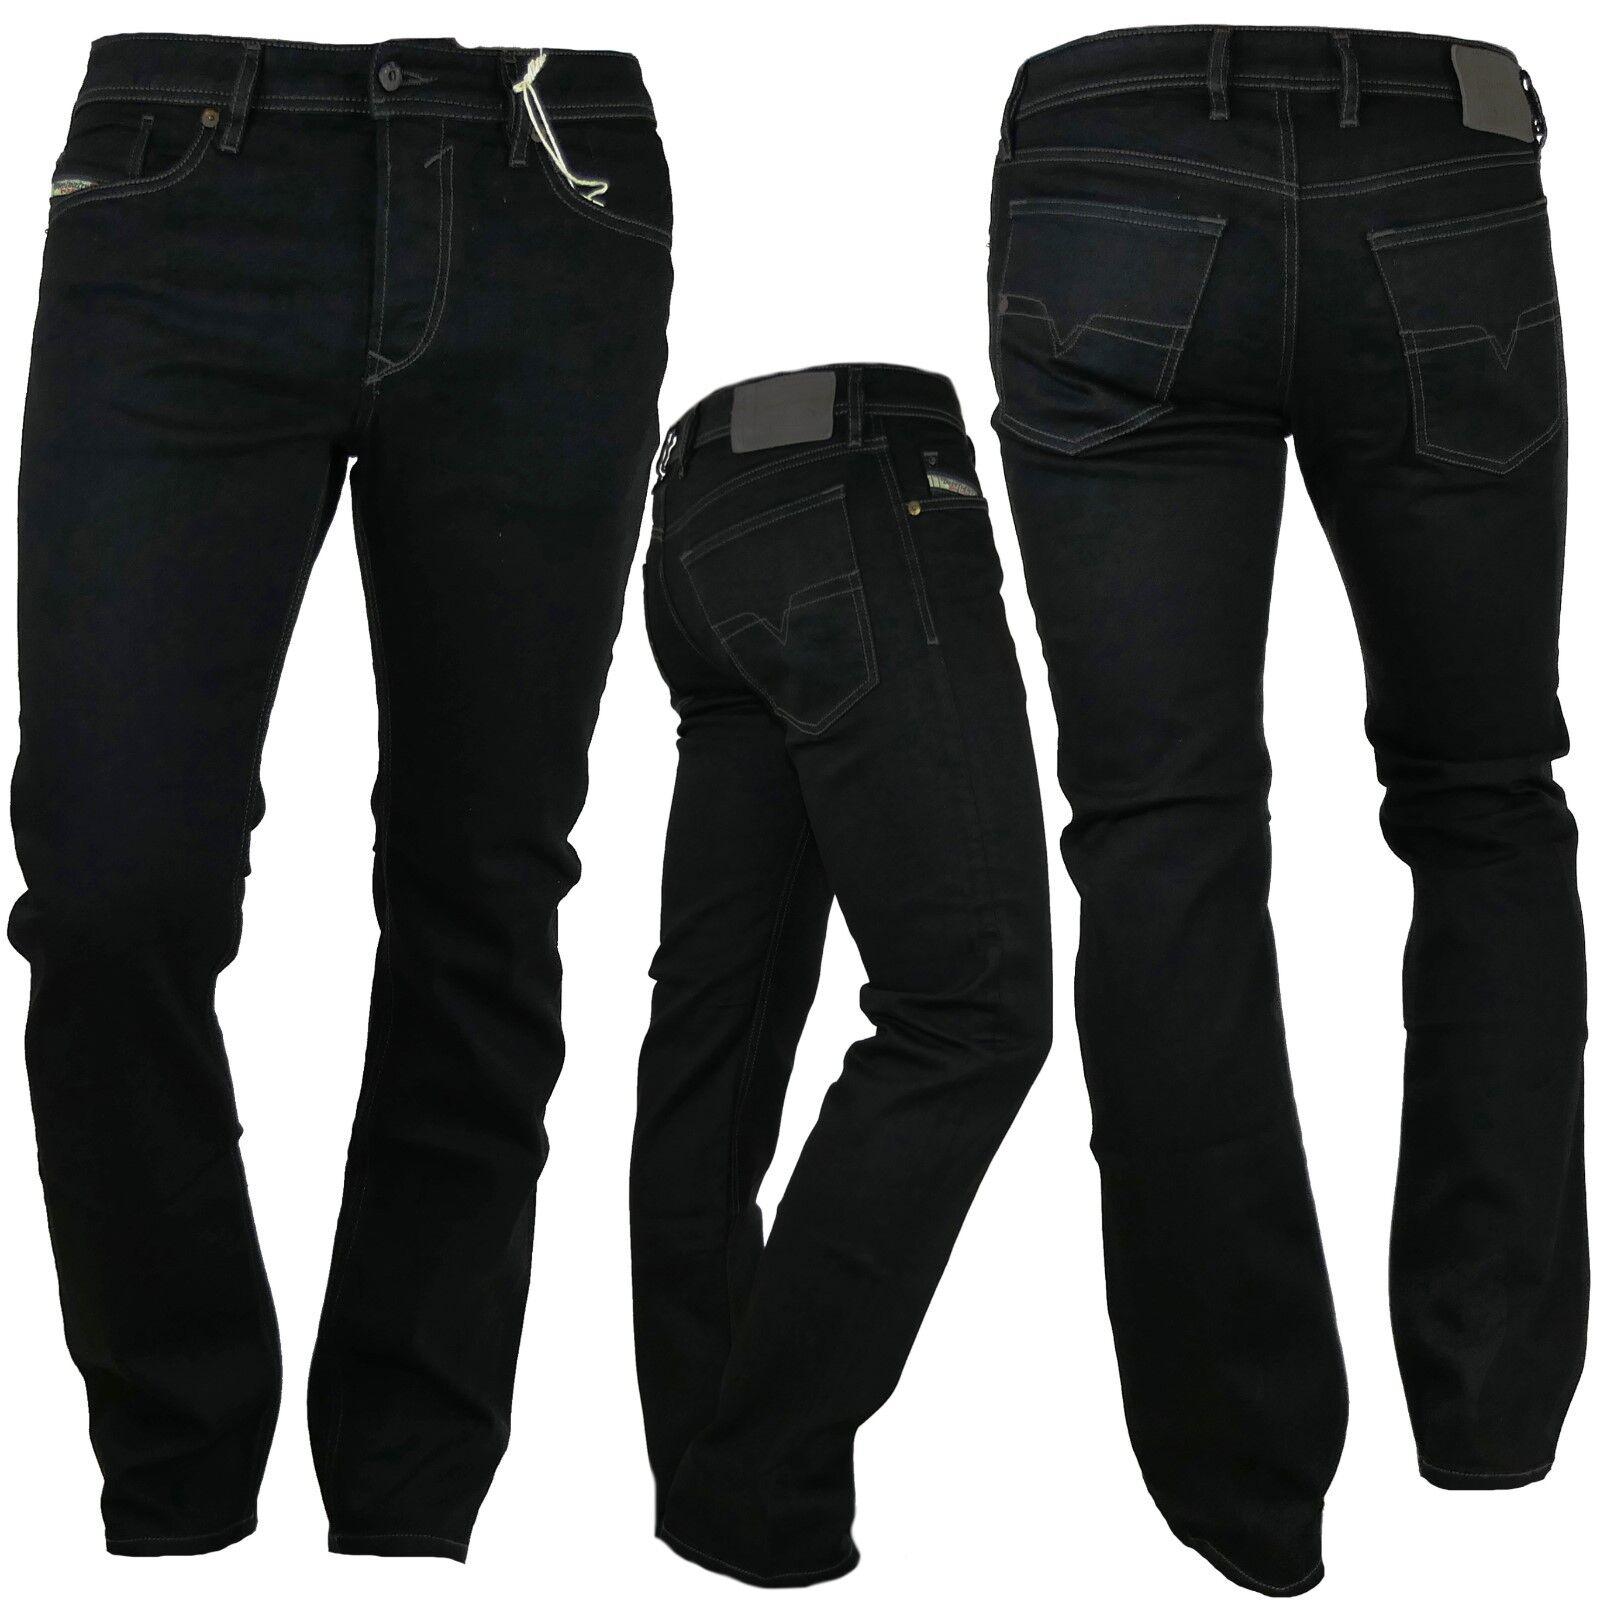 DIESEL Jeans uomo WAYKEE 0886z nero appena Straight Stretch Stretch Stretch 6eaeb0